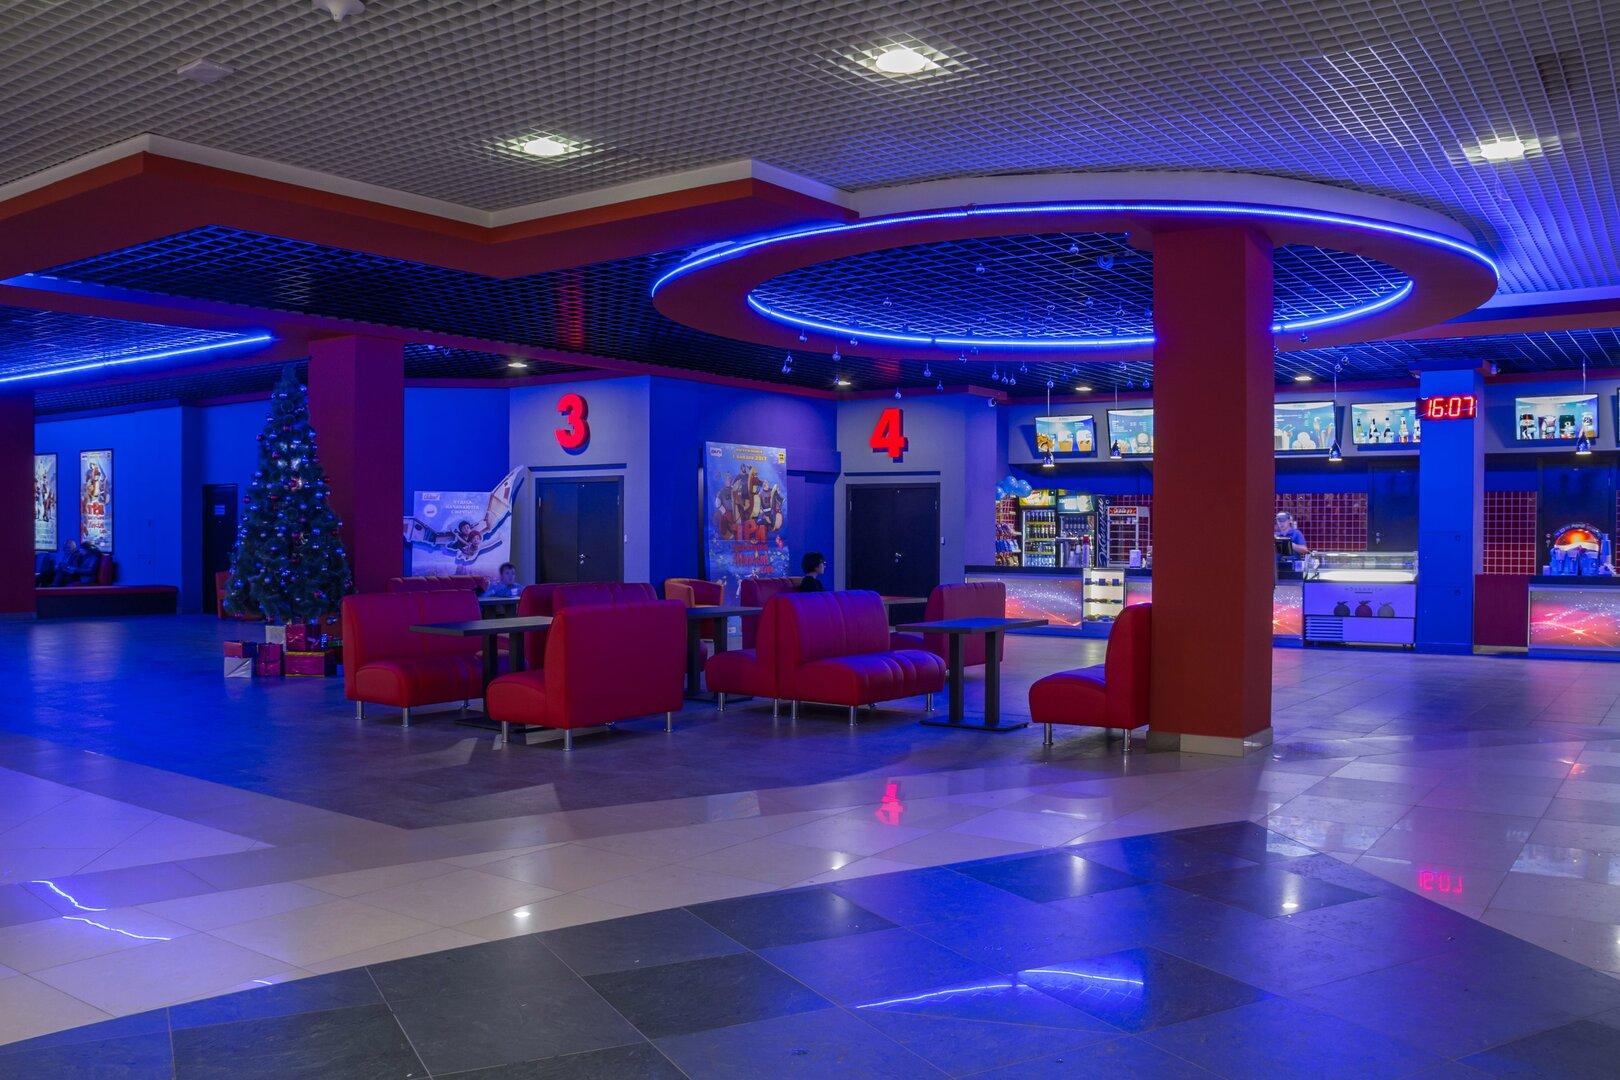 Чебоксары бронирование билетов в кино билеты для игры в кино